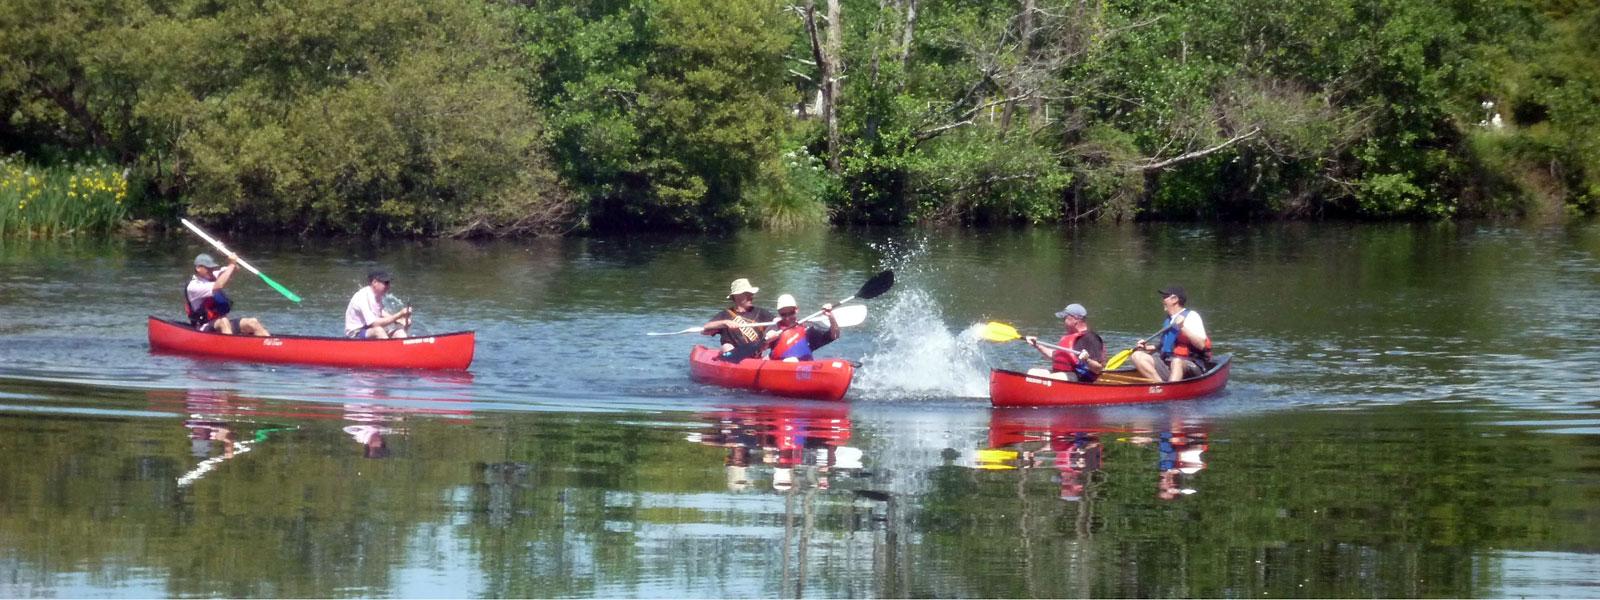 https://selectcottages.com/sites/default/files/revslider/image/kayaks-on-river-blavet.jpg